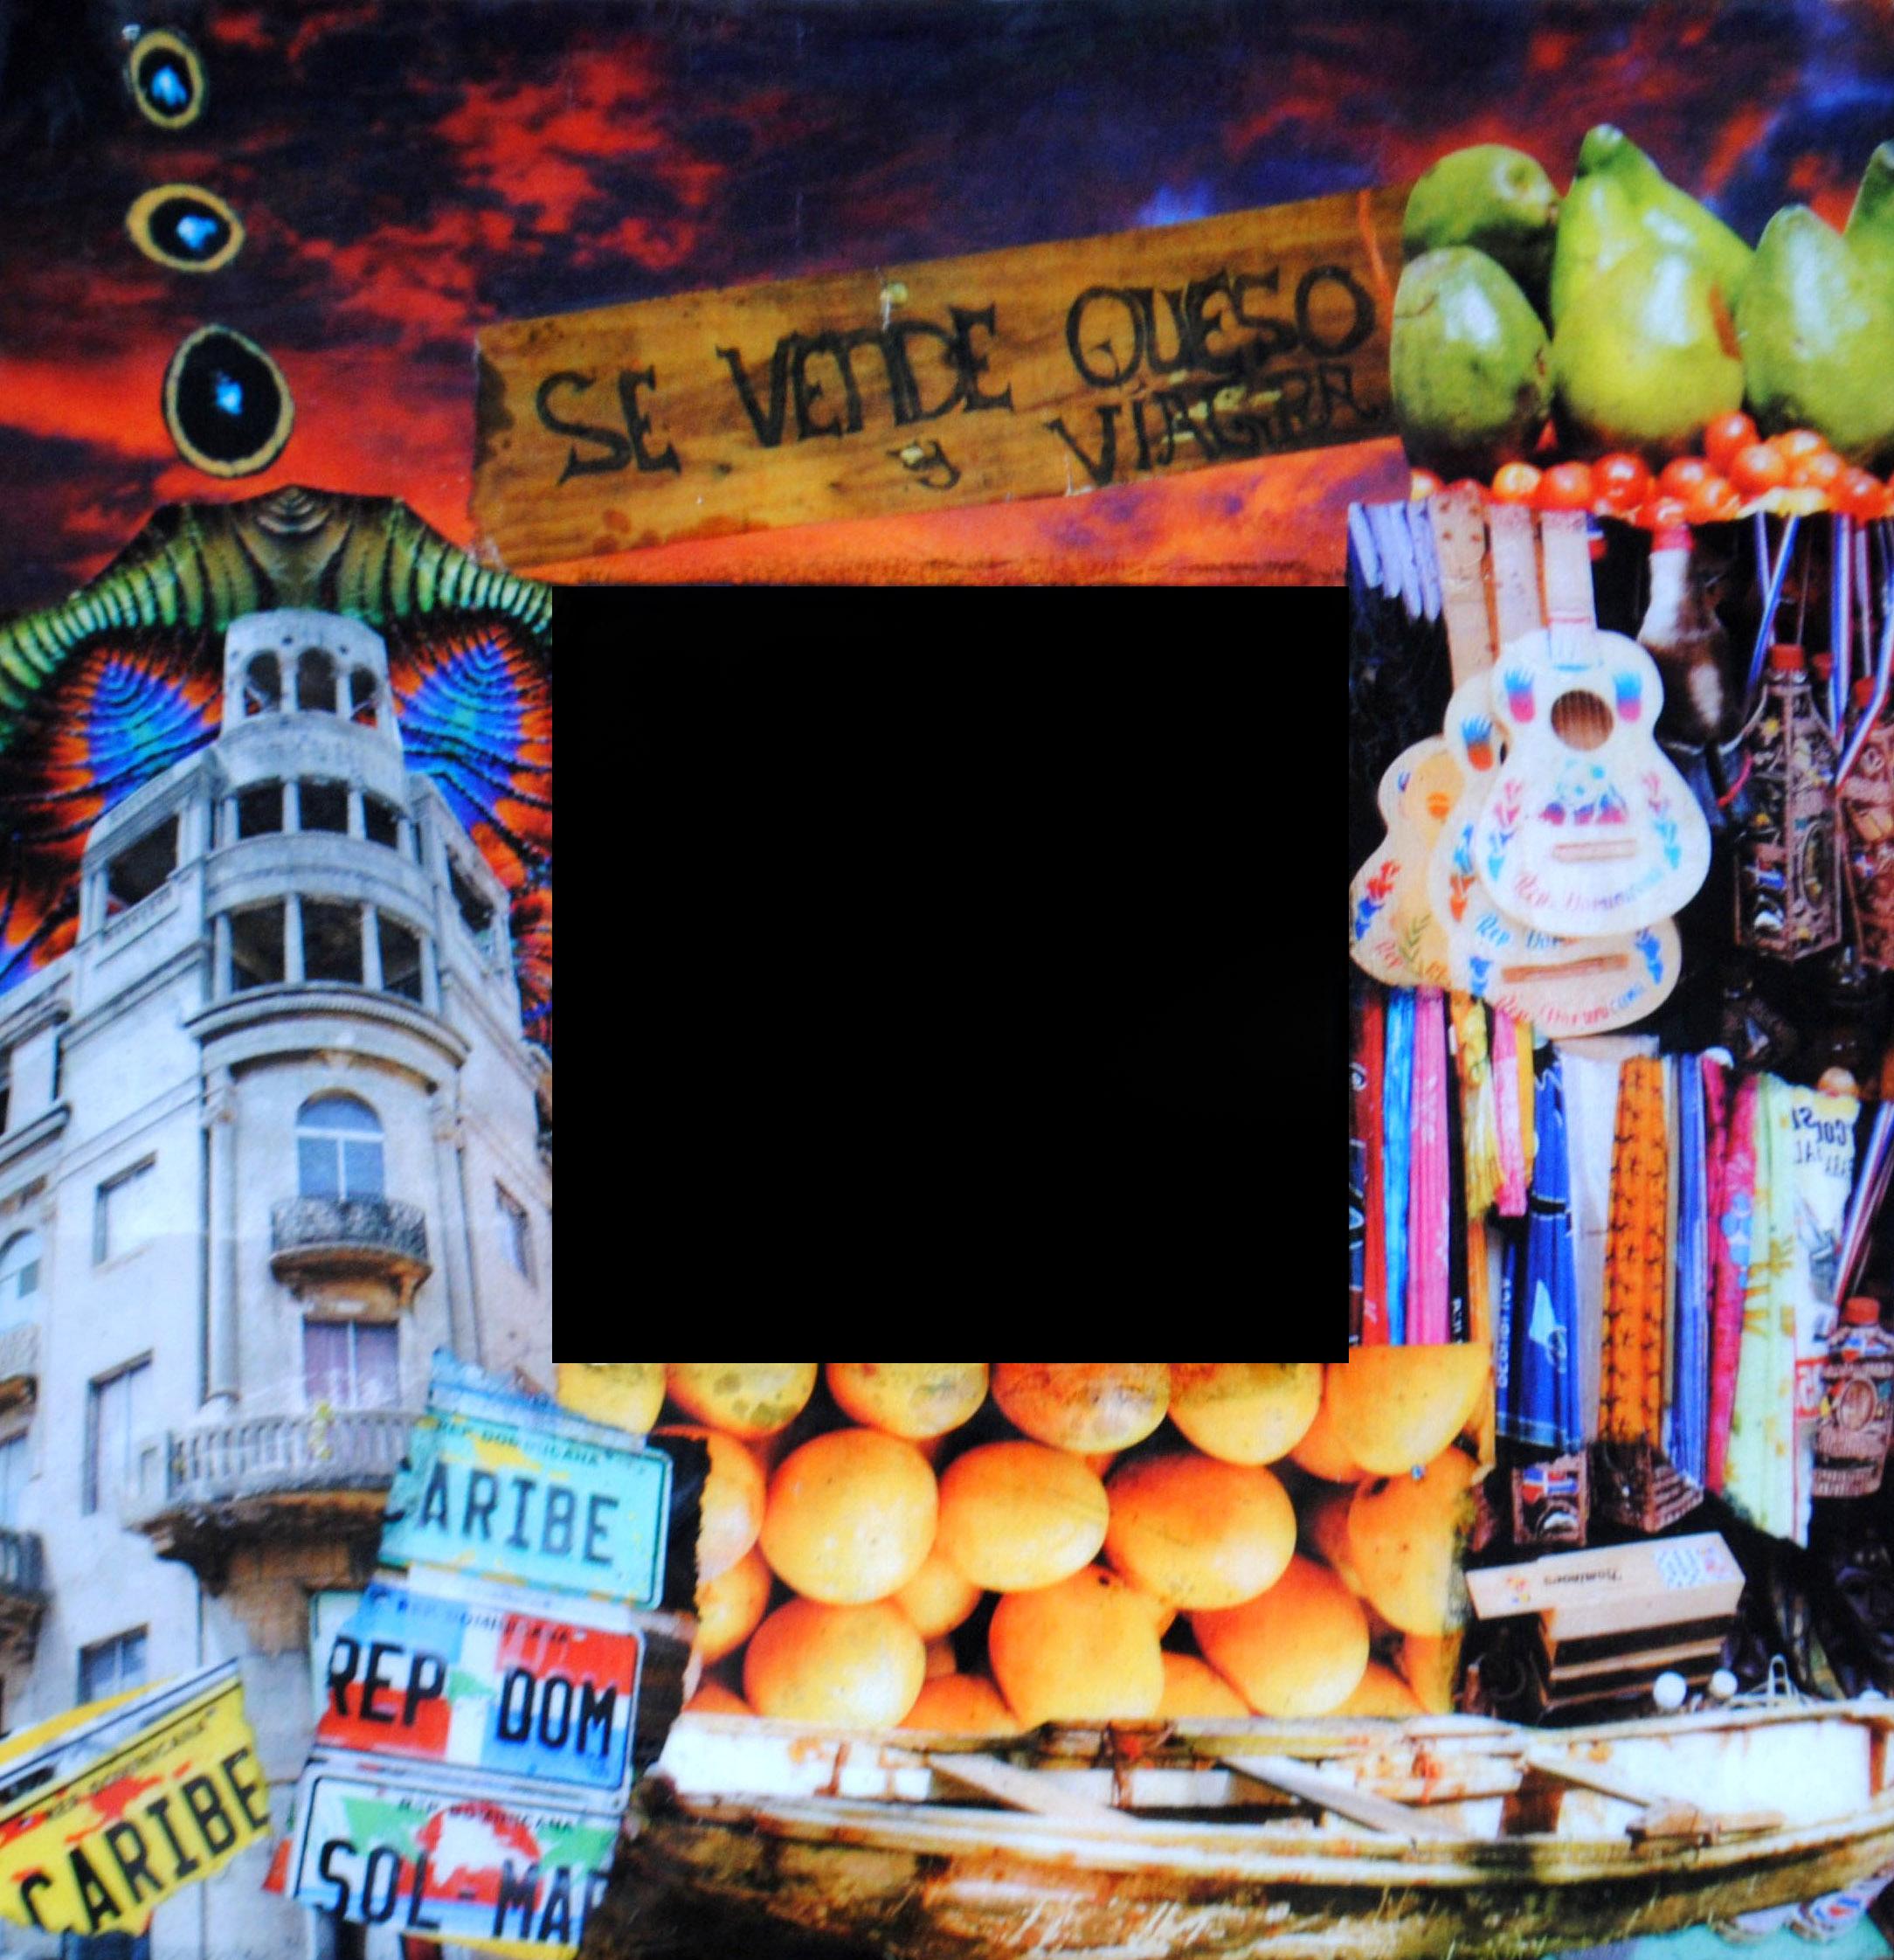 Caribe I. Mirror by Carolina Luciano. 2010.jpg